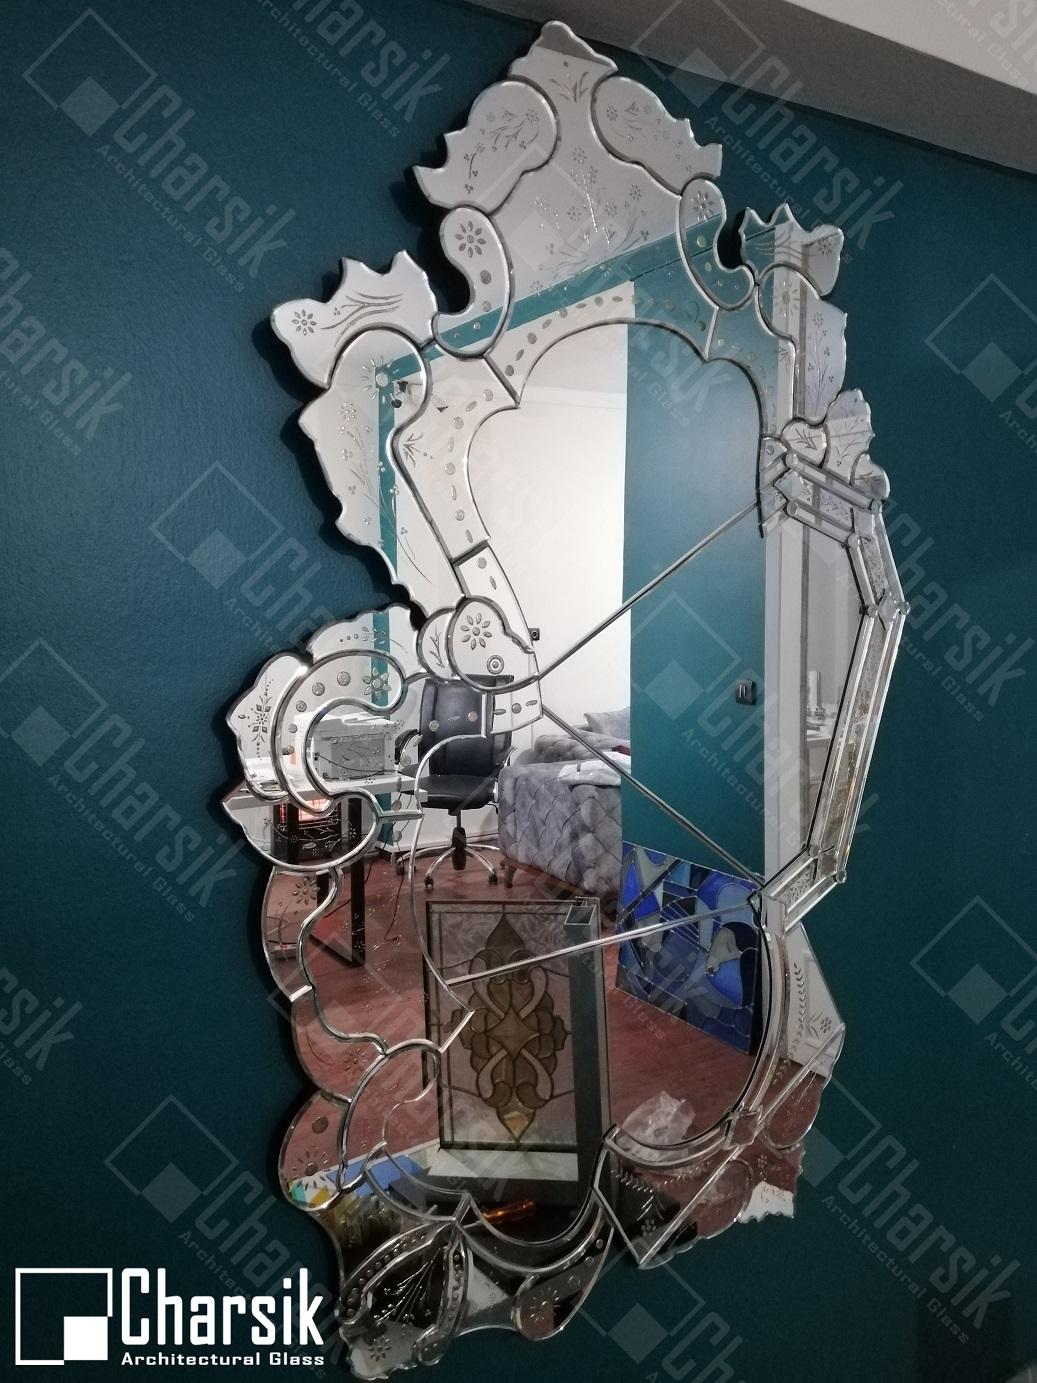 آینه ونیزی خاص و لوکس طرح ژکوند چارسیک